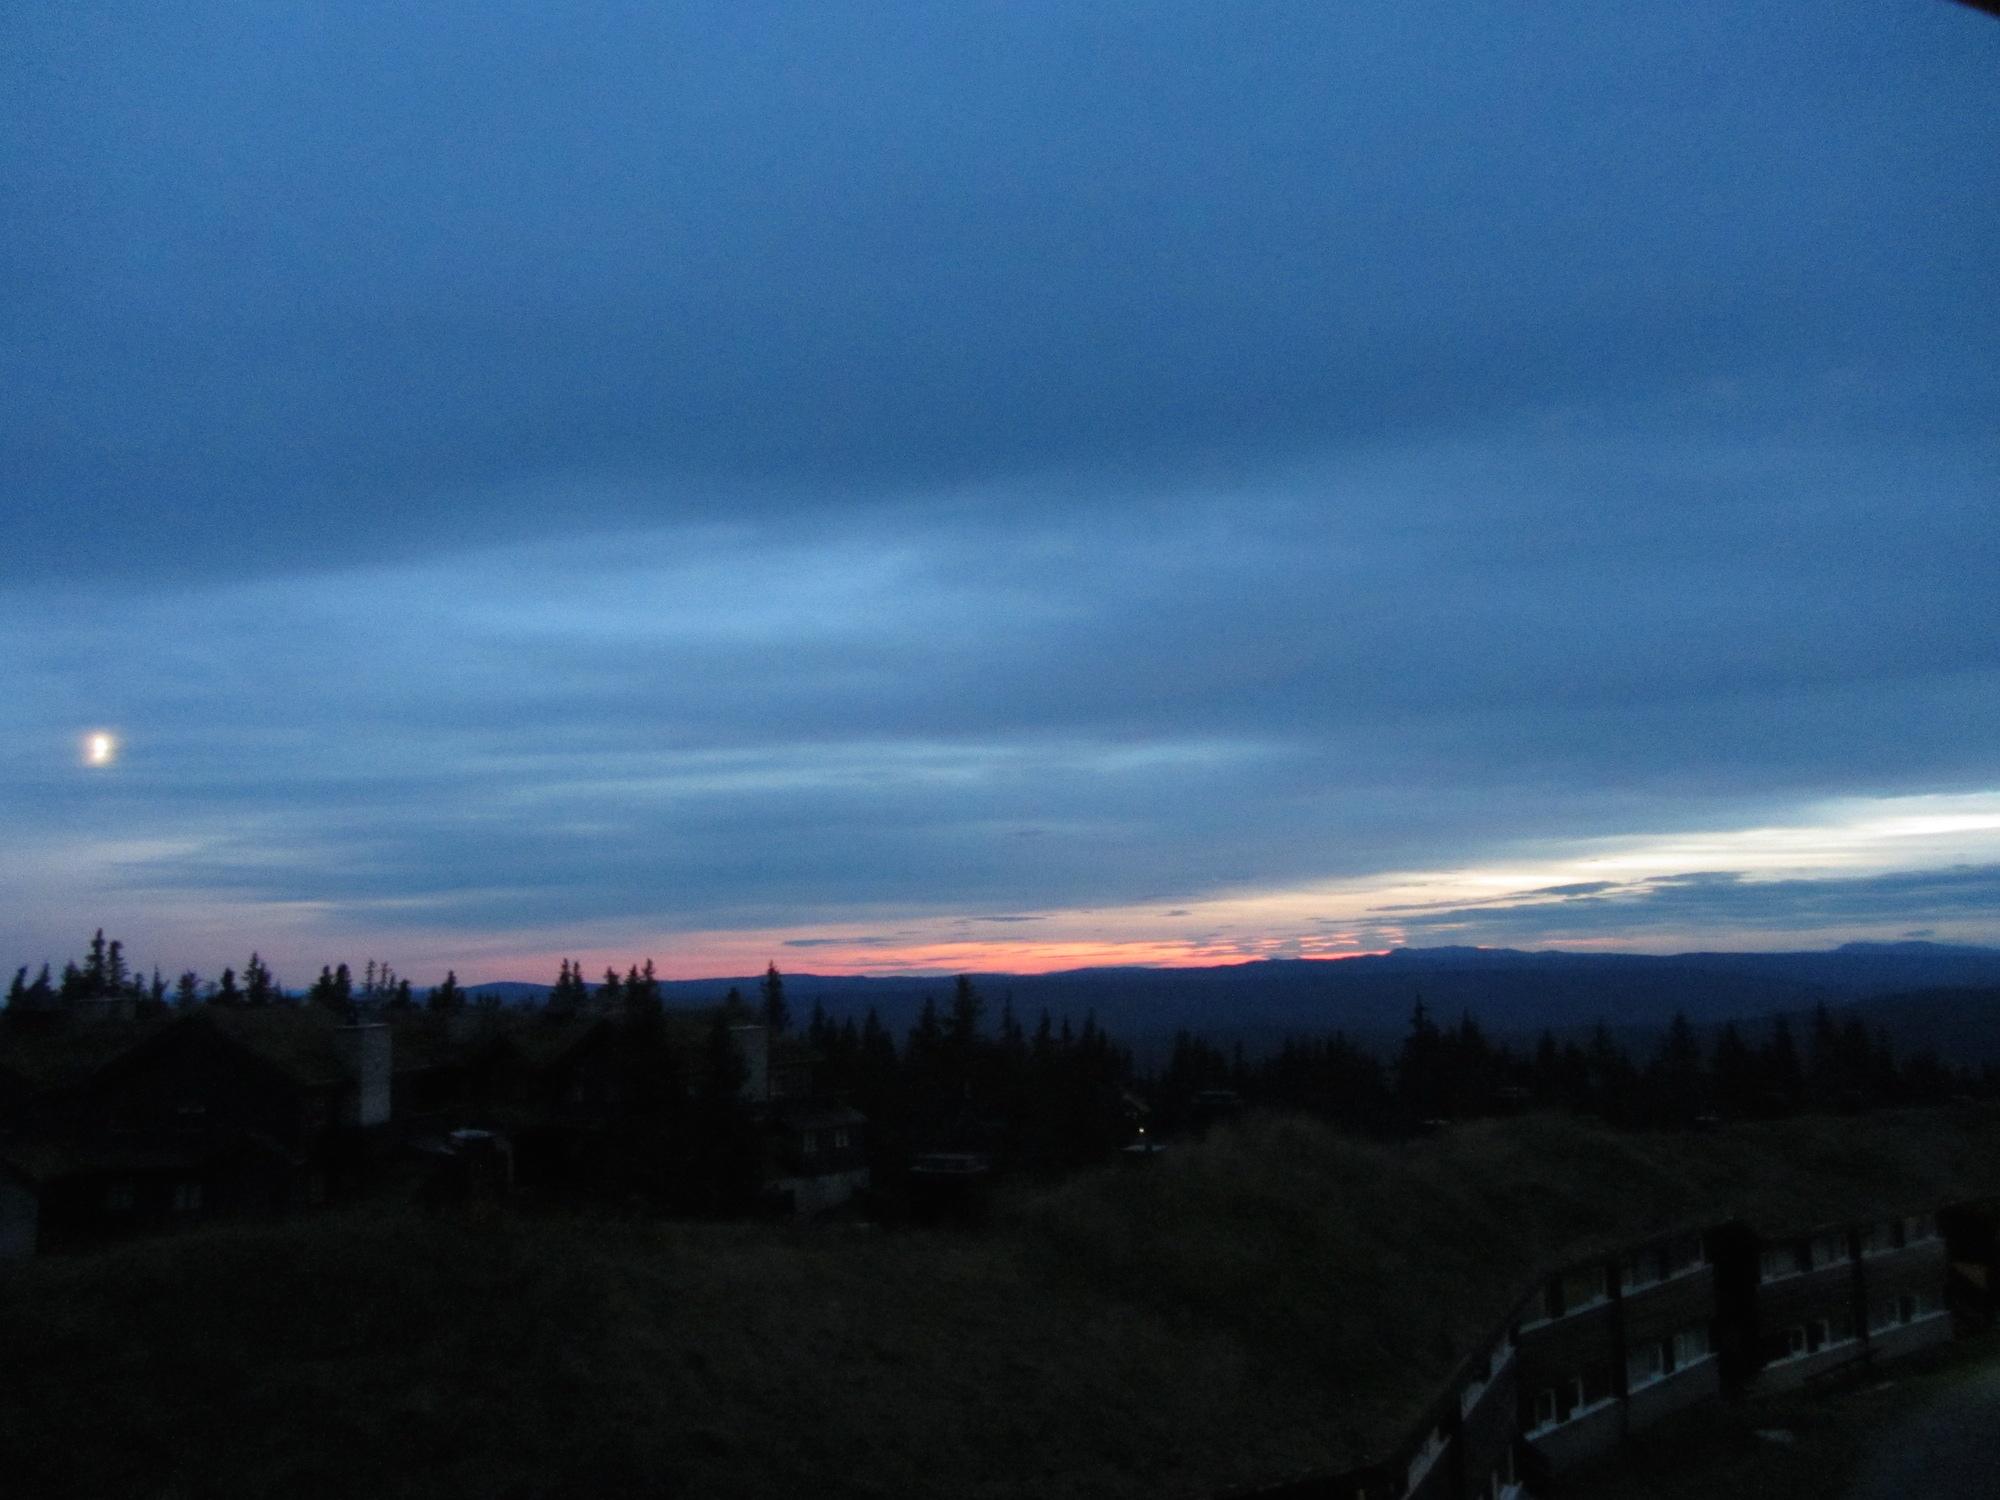 Ein Landschaftsbild muss einfach sein. Sonnenuntergang im Märchenland!